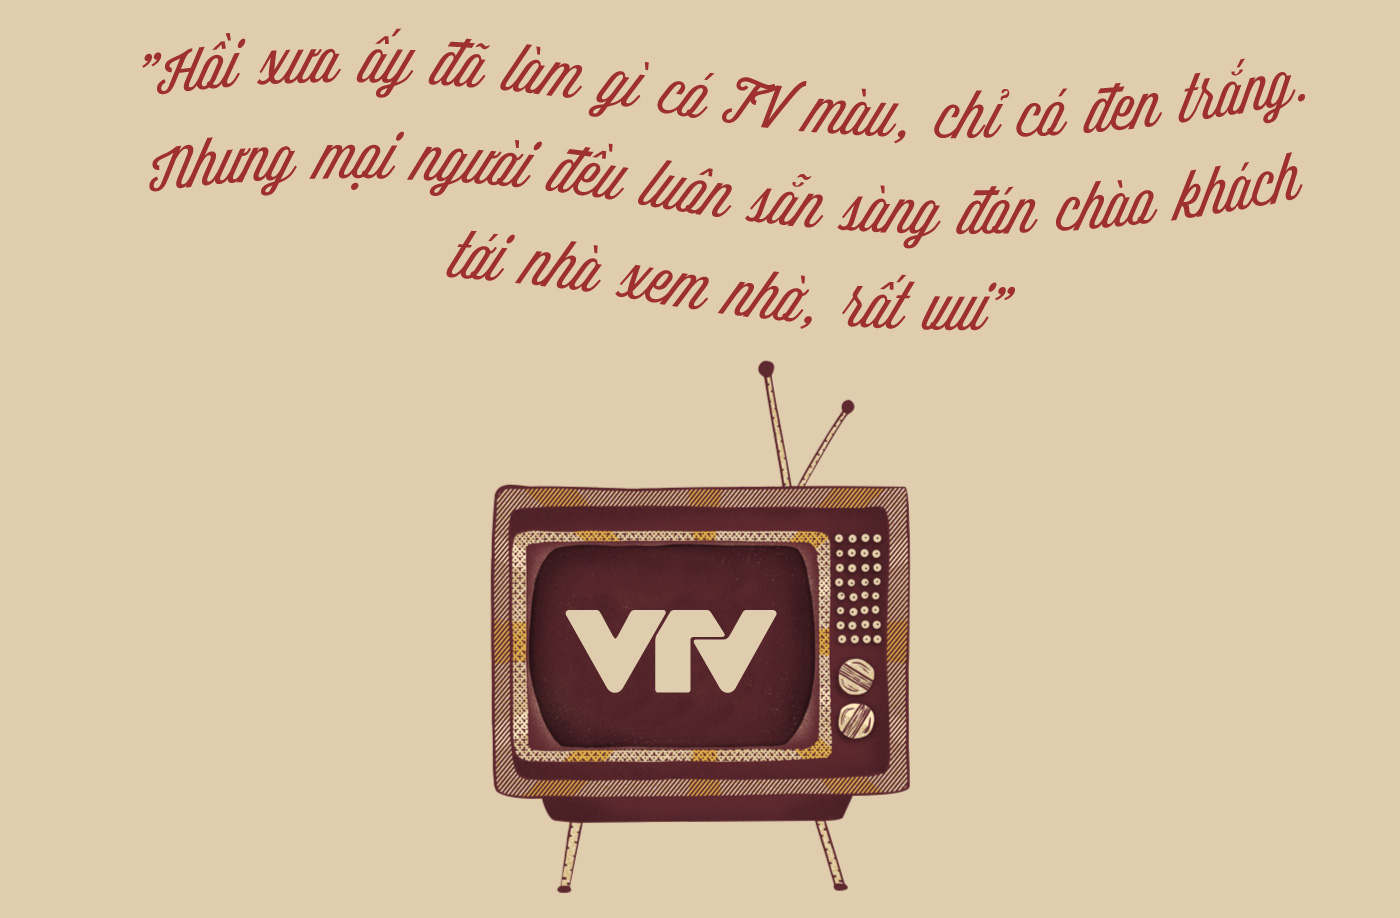 Bầu trời ký ức của thế hệ đầu tại VTV: Những lần đầu khó quên! - Ảnh 1.